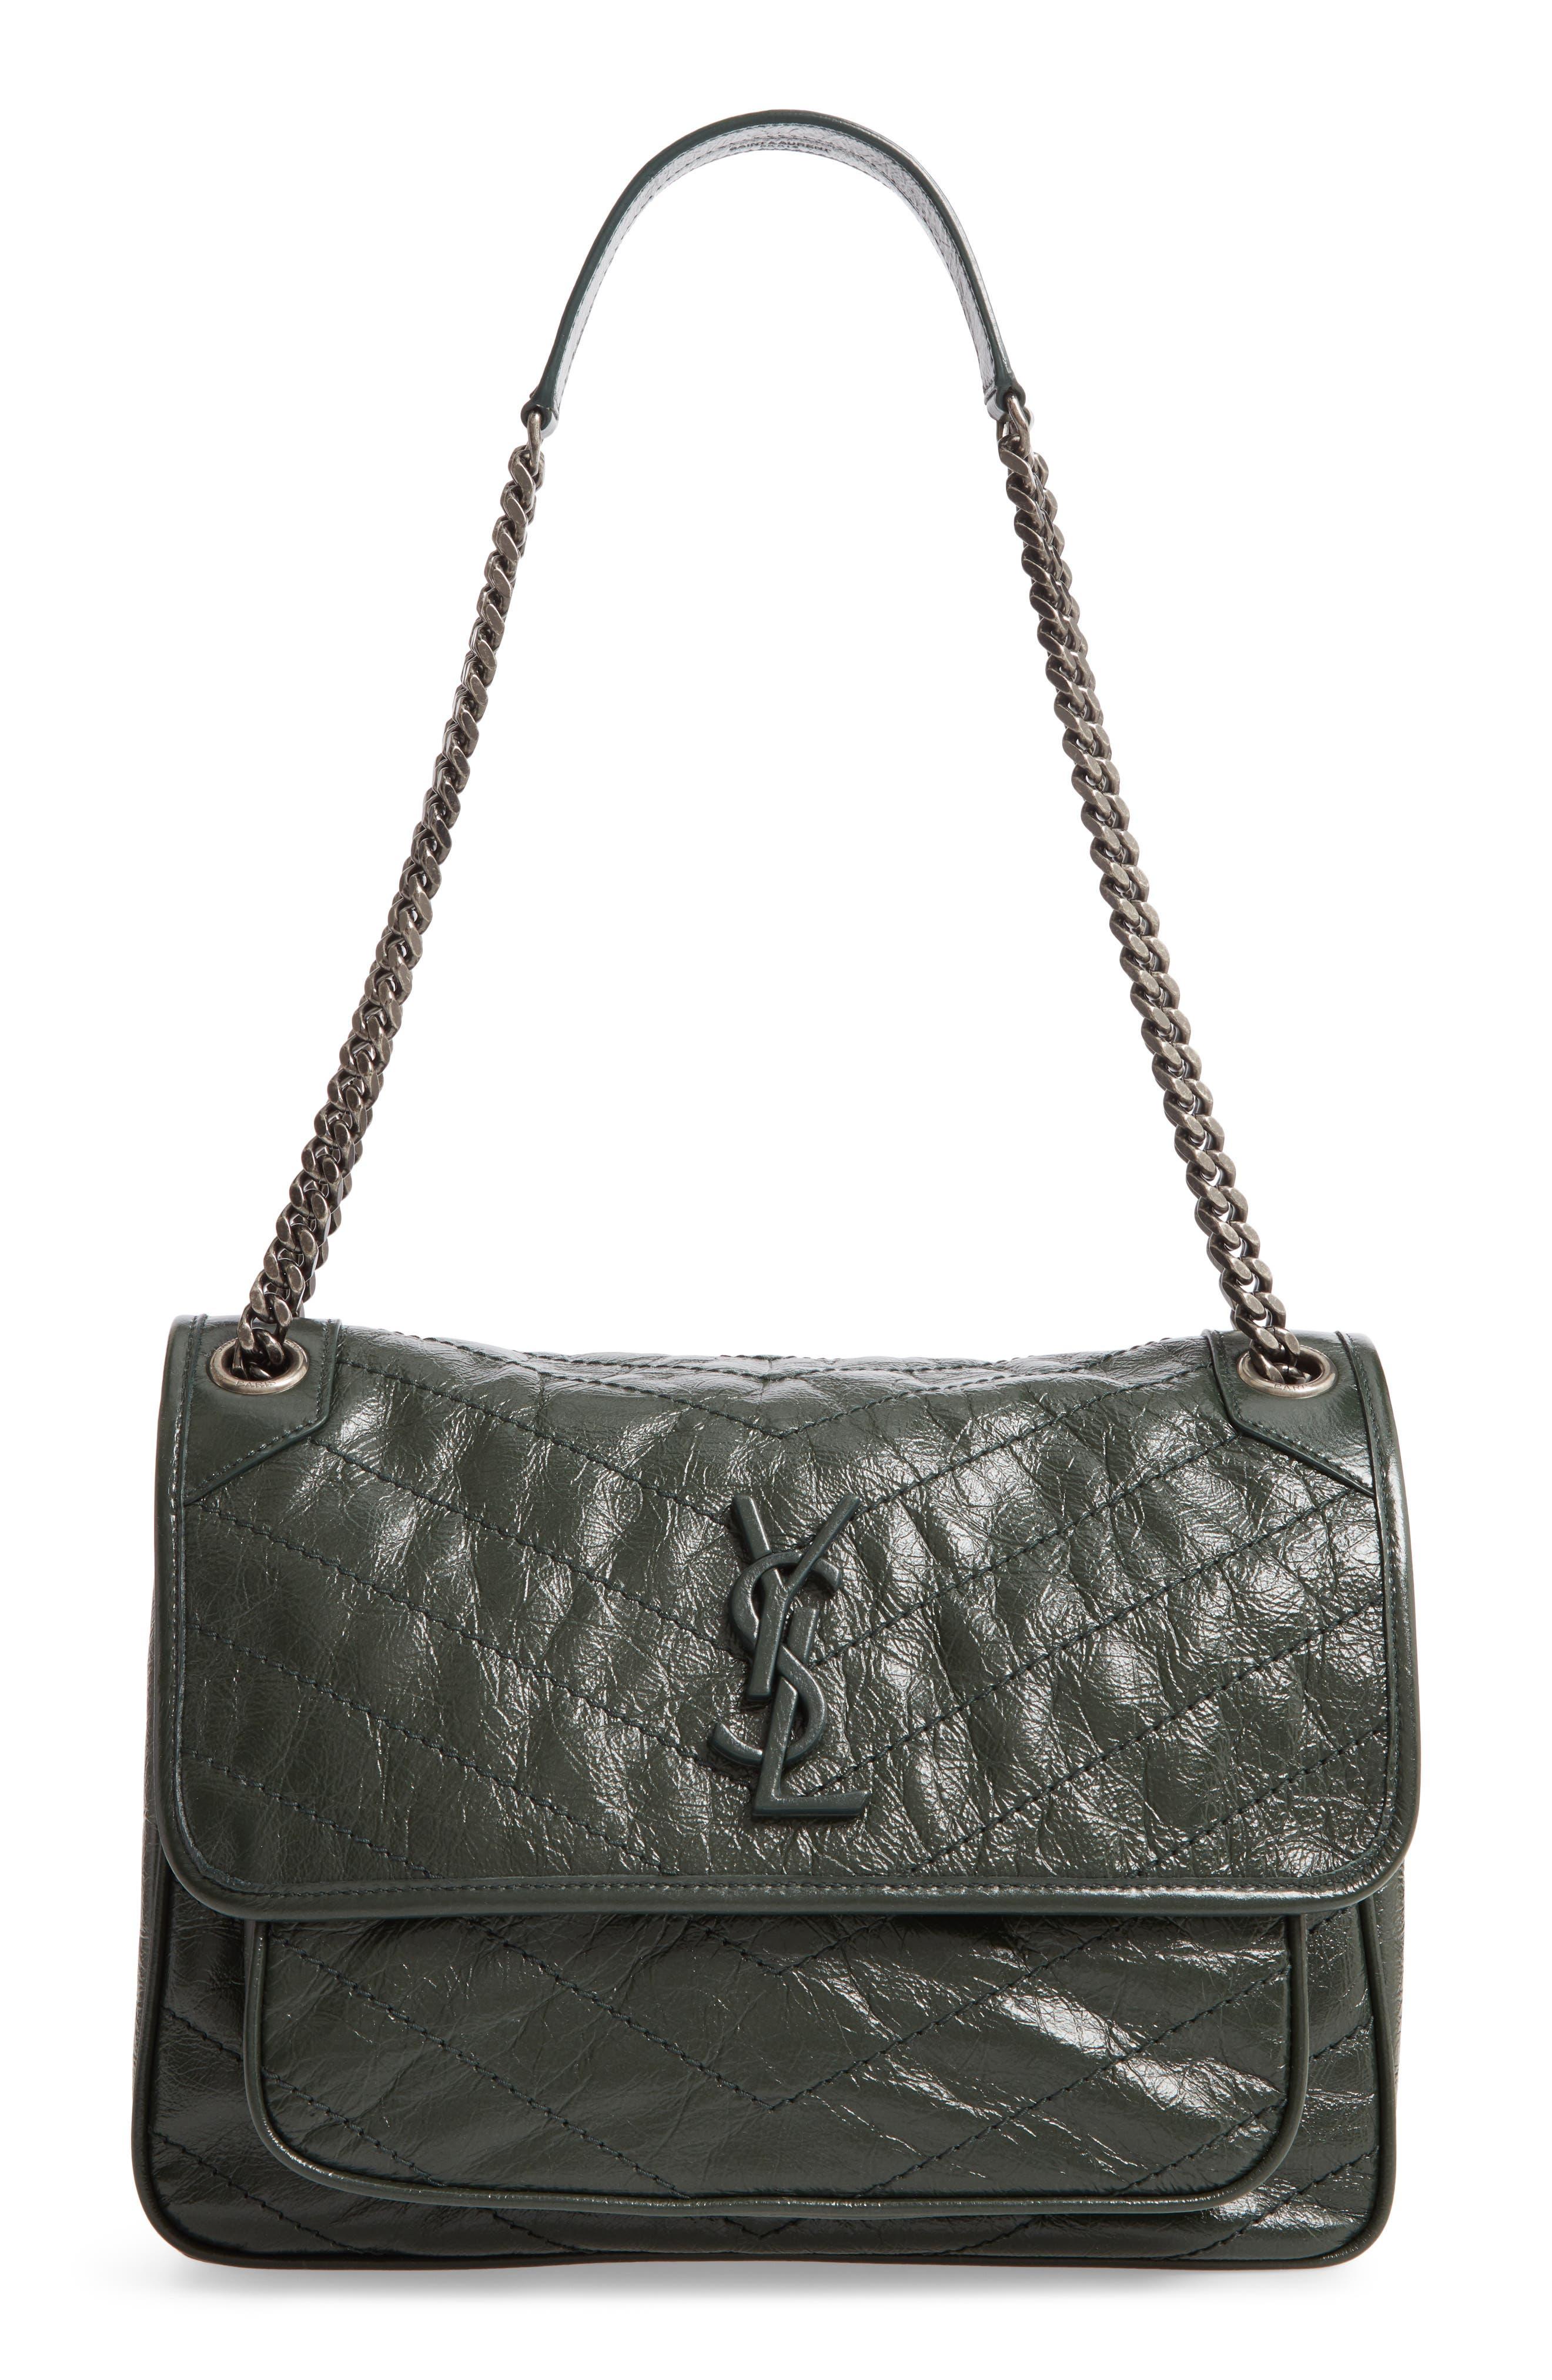 3955008db08 Women's Saint Laurent Handbags   Nordstrom